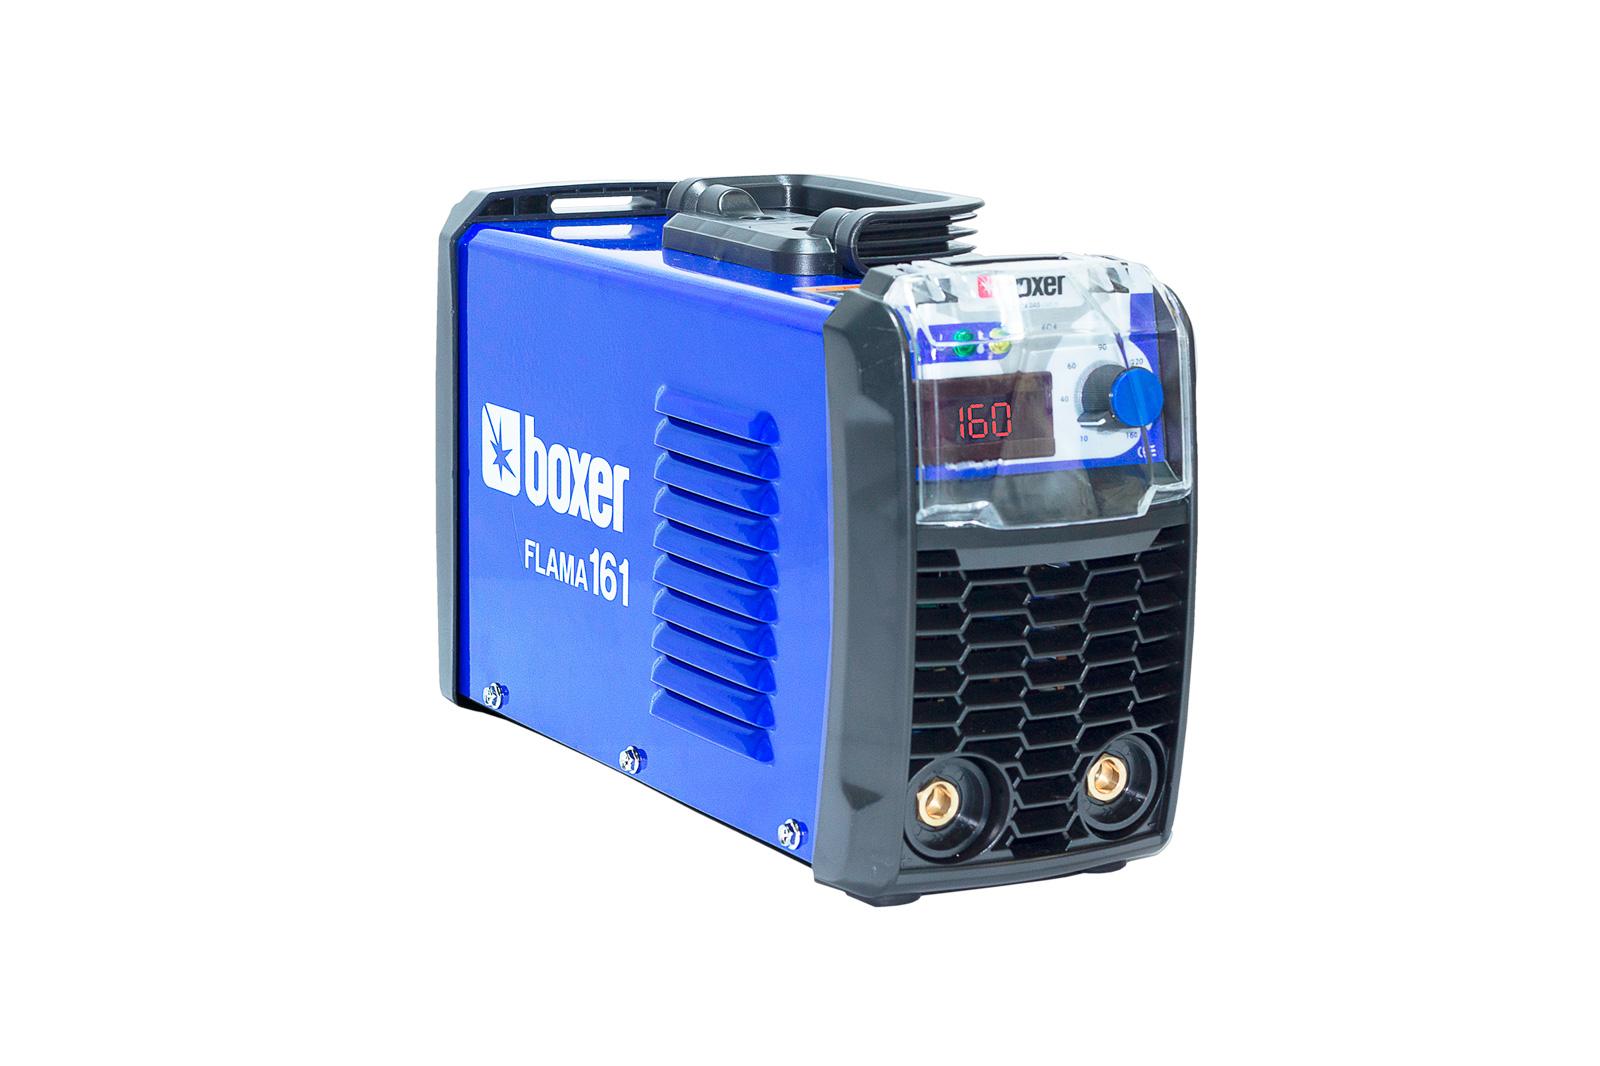 Maquina de Solda Inversora 160A FLAMA 161 220V 3